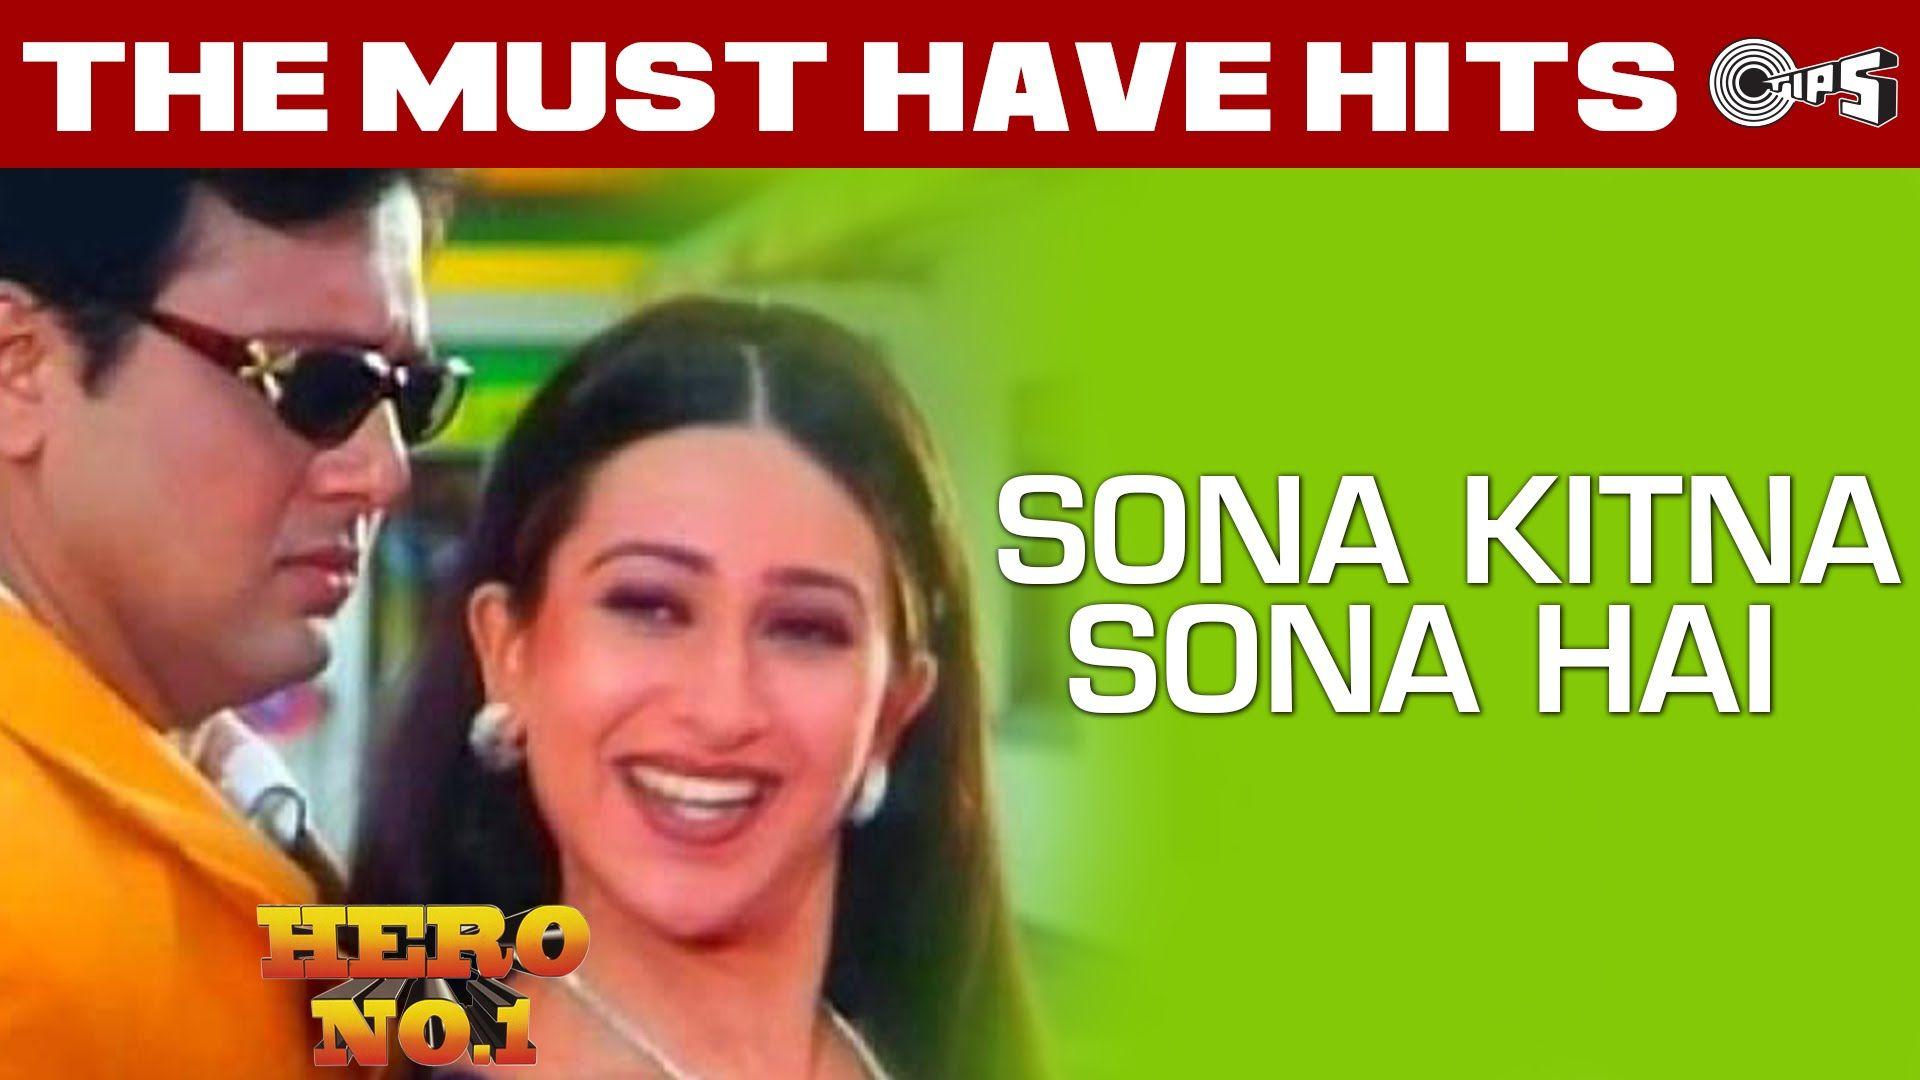 Sona Kitna Sona Hai Video Song Hero No 1 Govinda Karisma Kapoor Muzică Indiana